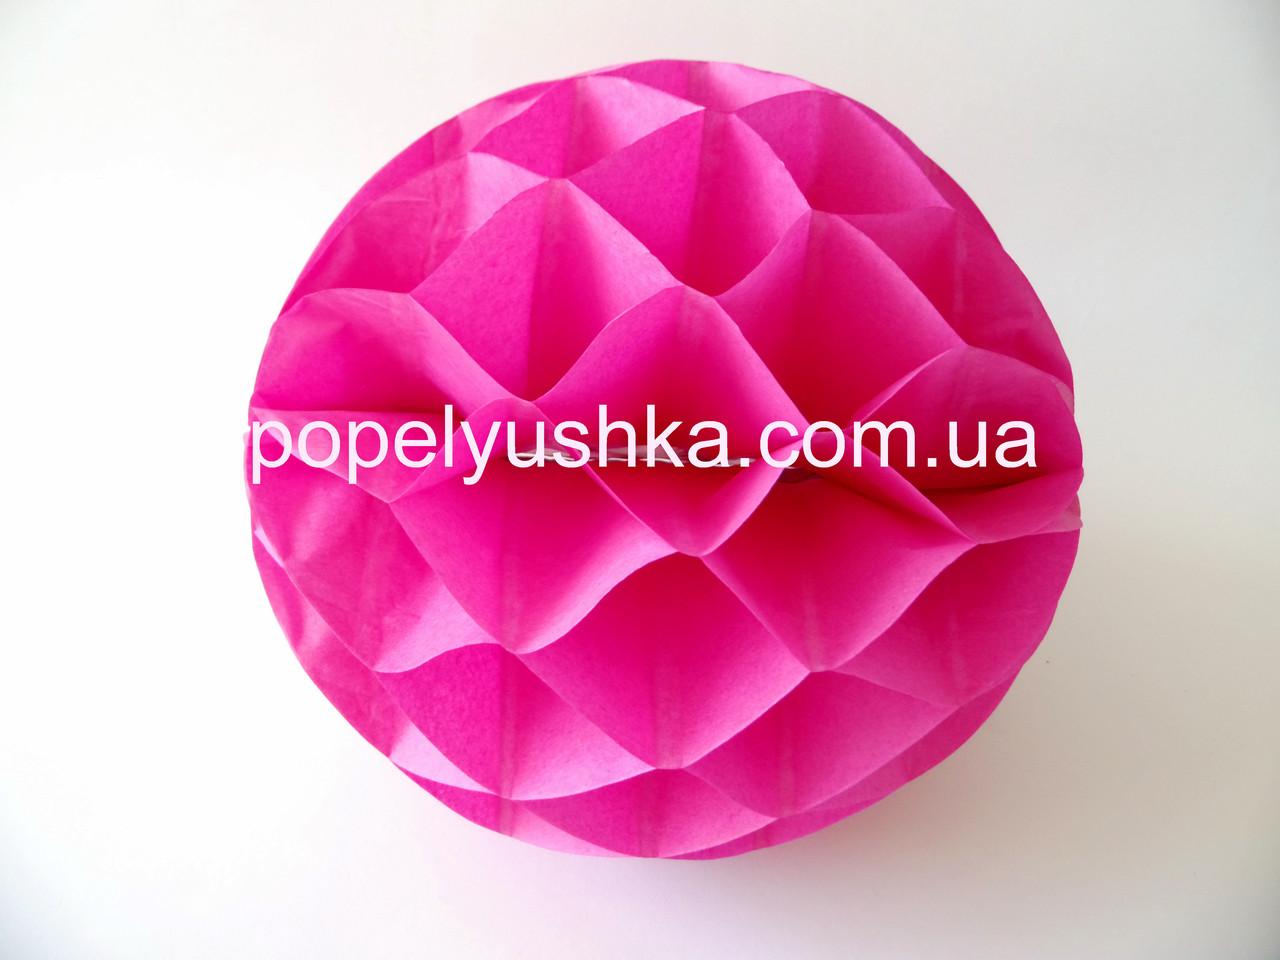 Кулька -соти 30 см. Рожевий